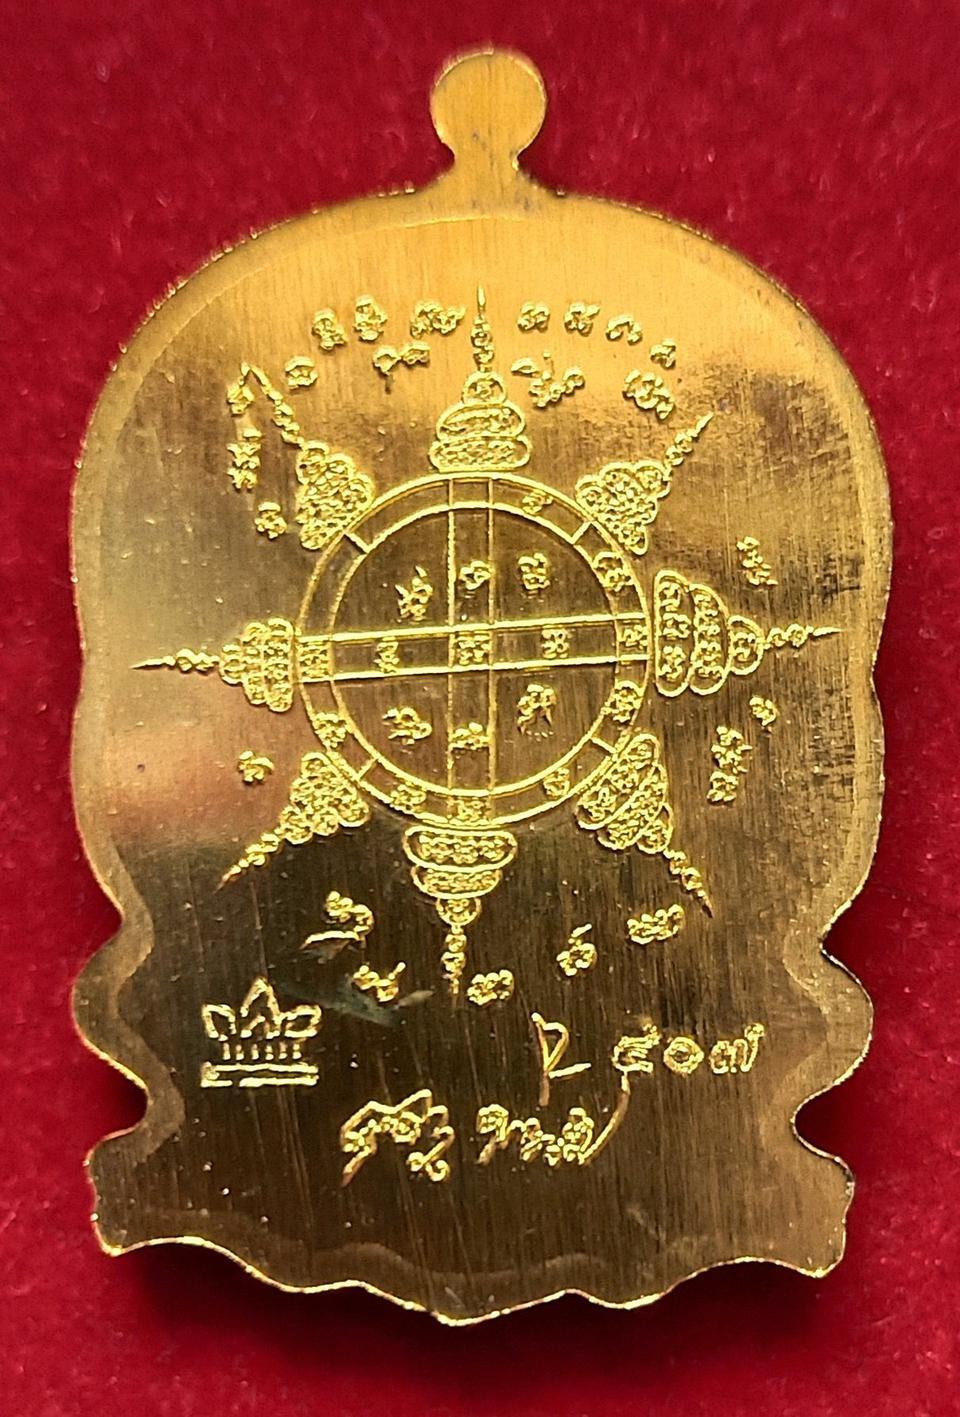 """เหรียญนั่งพาน หลวงปู่ทิม วัดละหารไร่ ระยอง รุ่น """"บูชาครู 59"""" รูปที่ 2"""